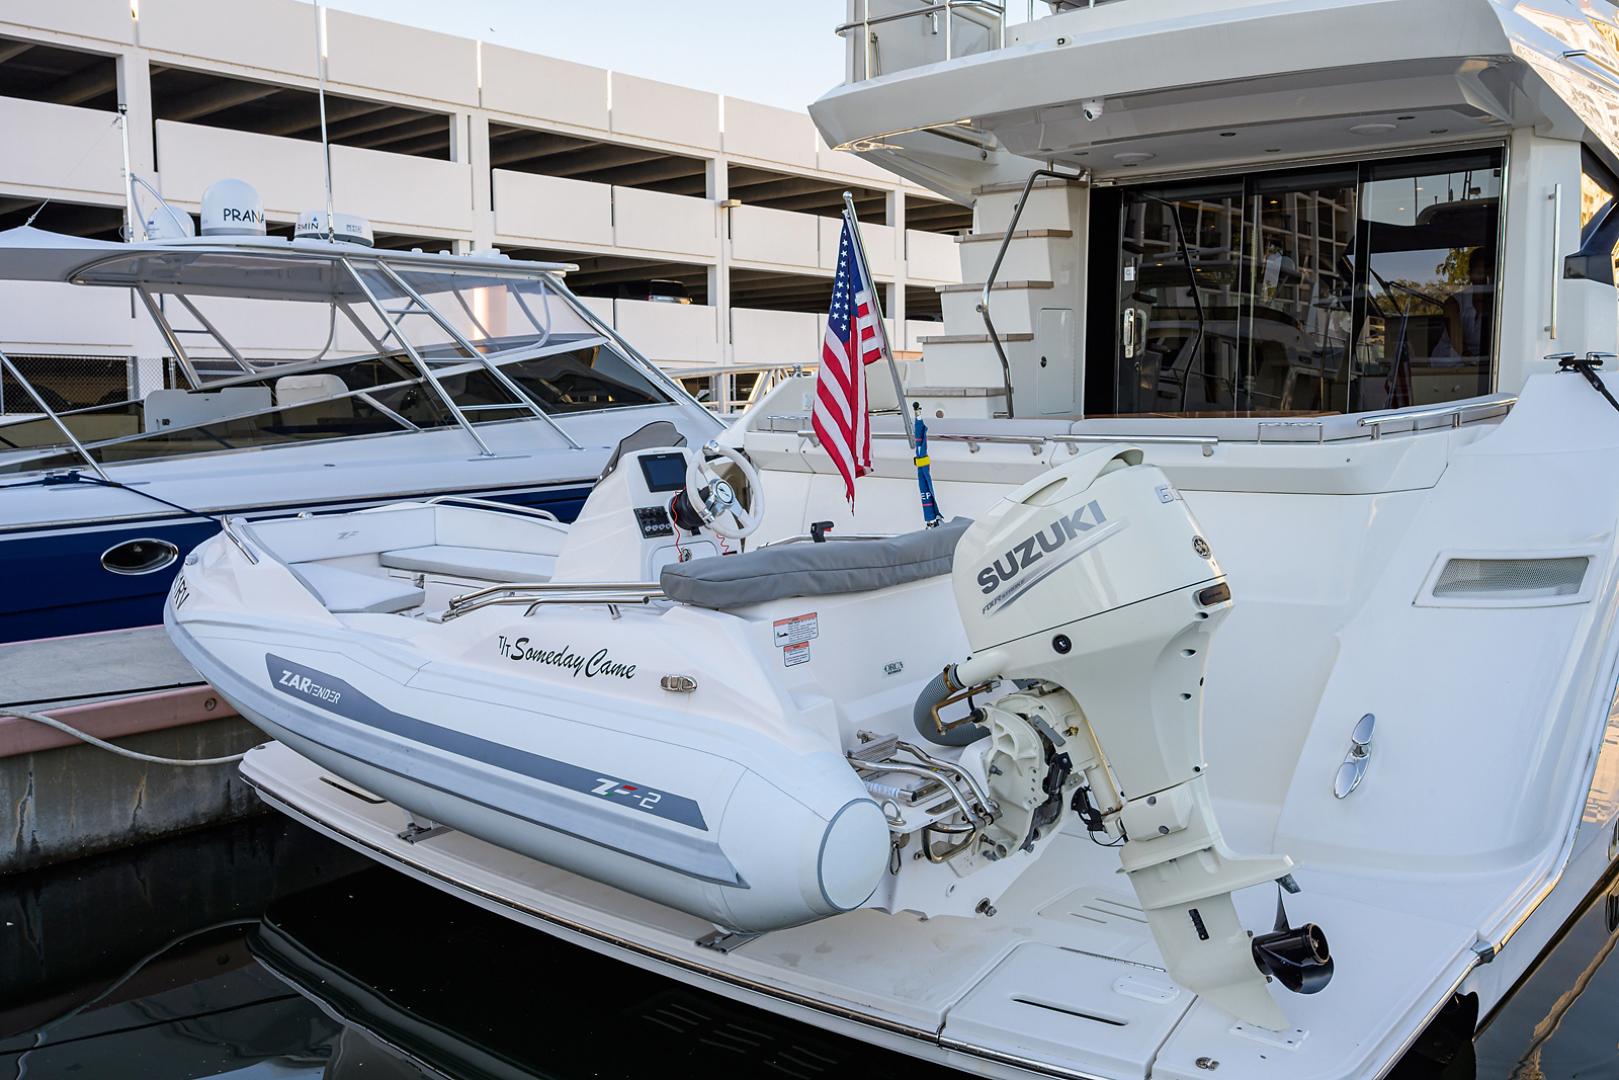 Sea Ray 2017 -Jupiter-Florida-United States-1596775 | Thumbnail